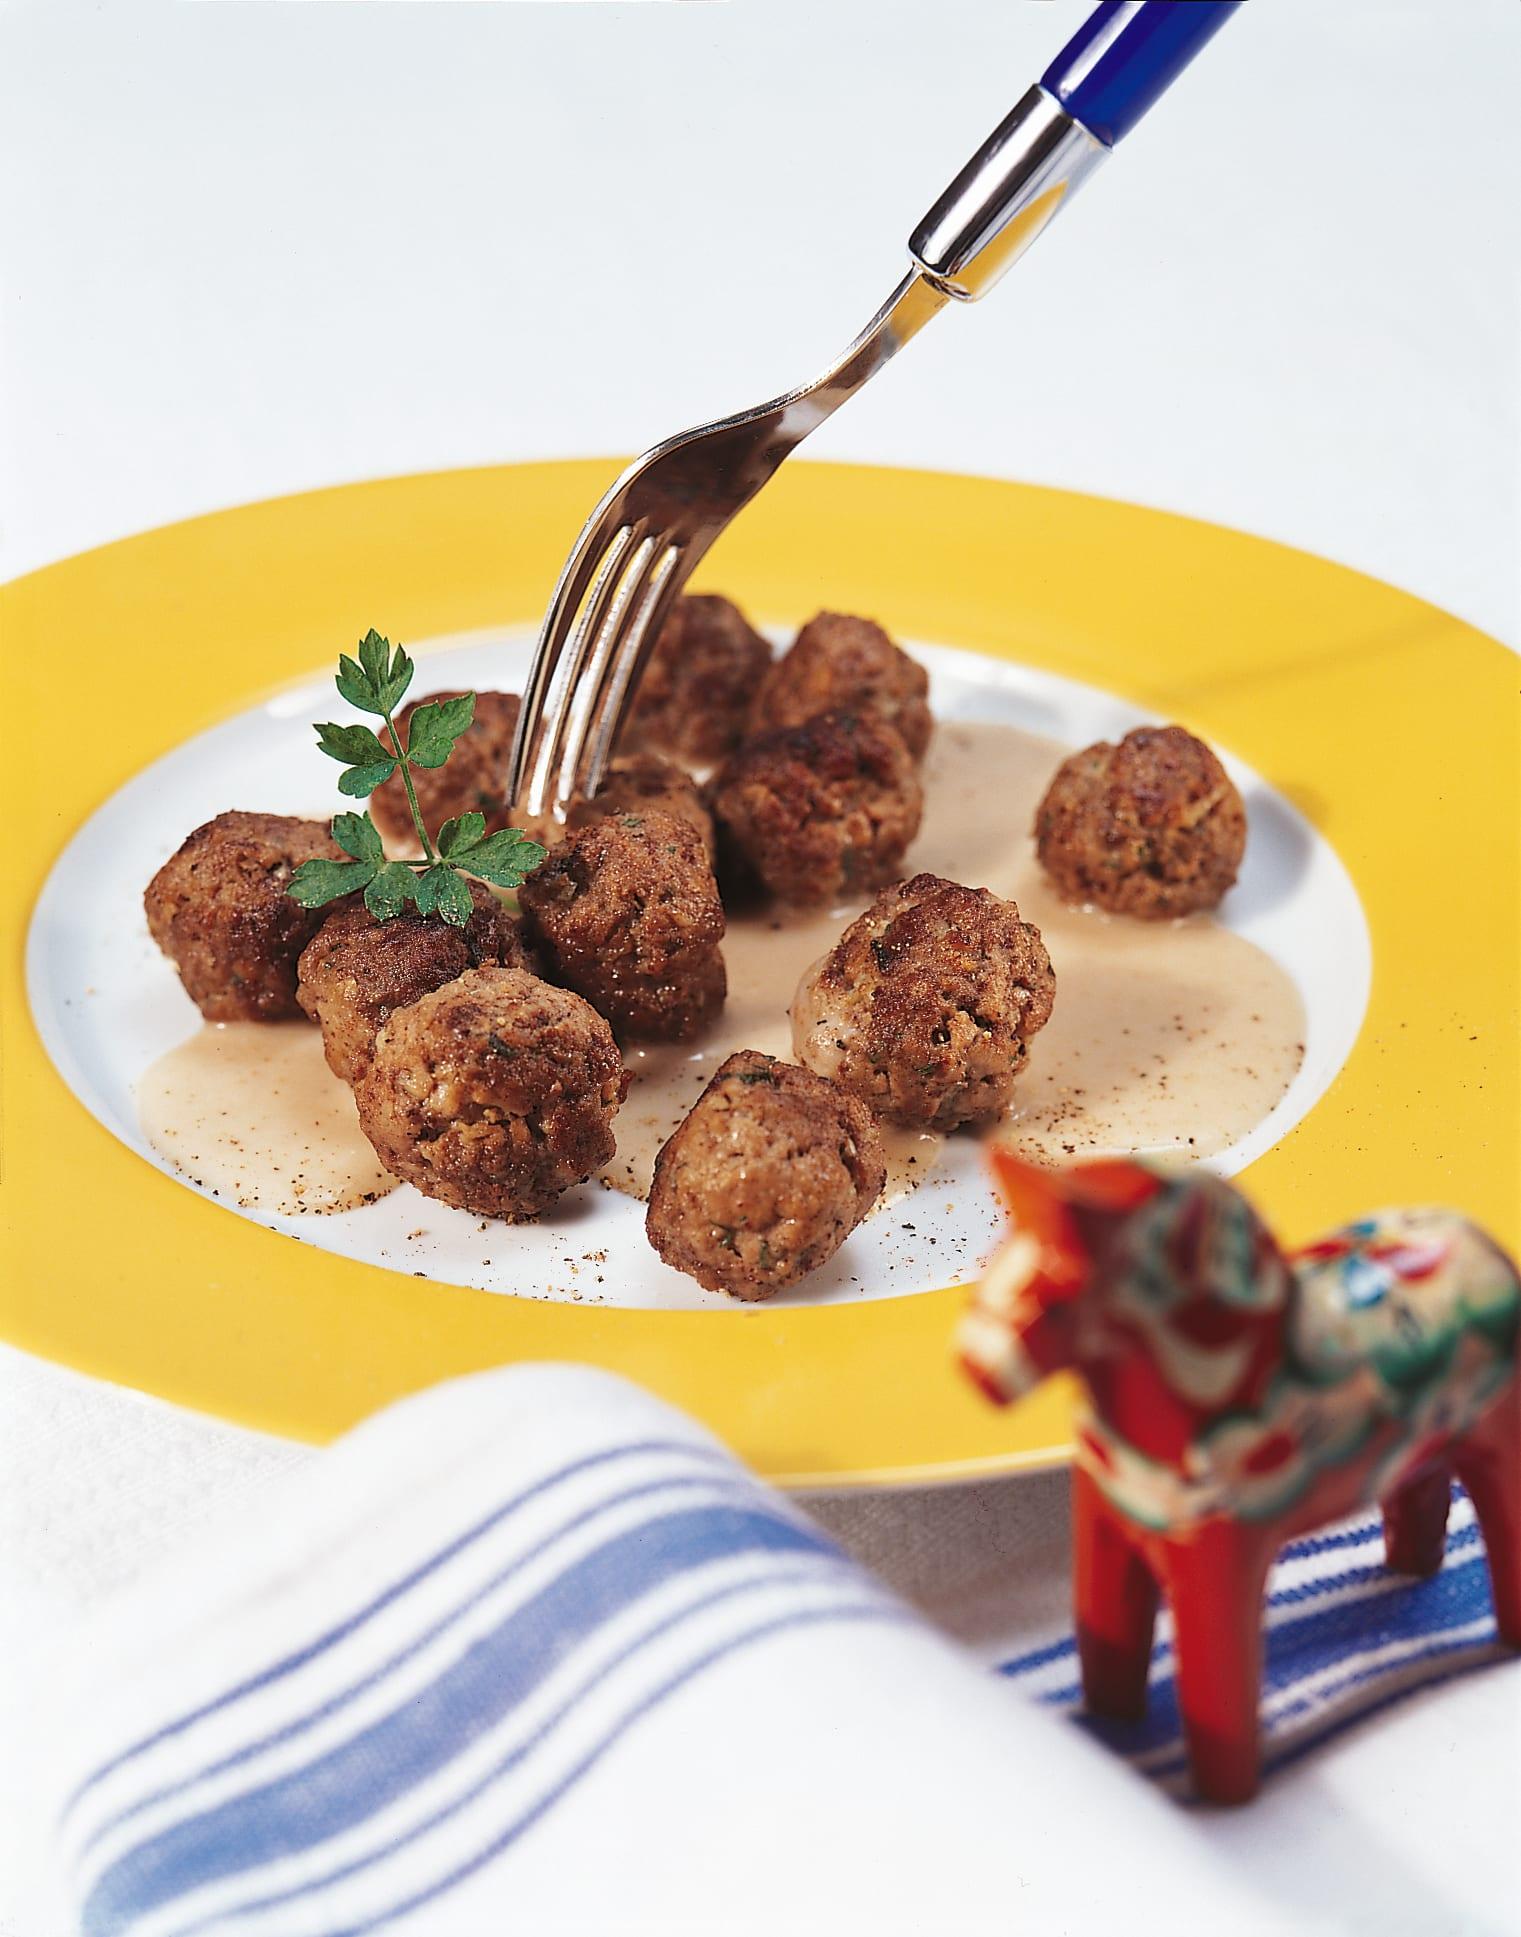 Köttbullar (boulettes de viande hachée)